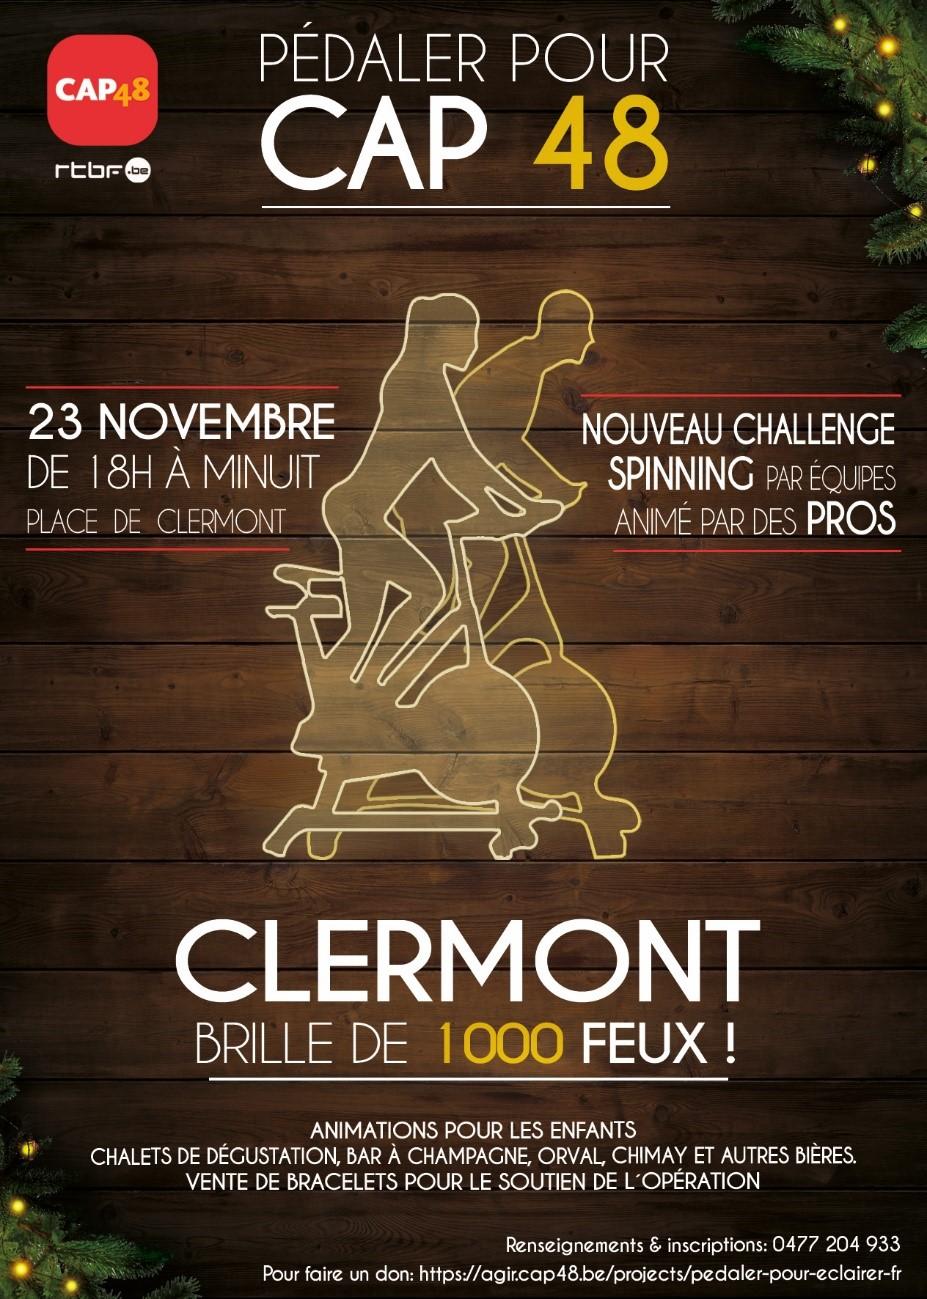 pedaler-pour-eclairer_article